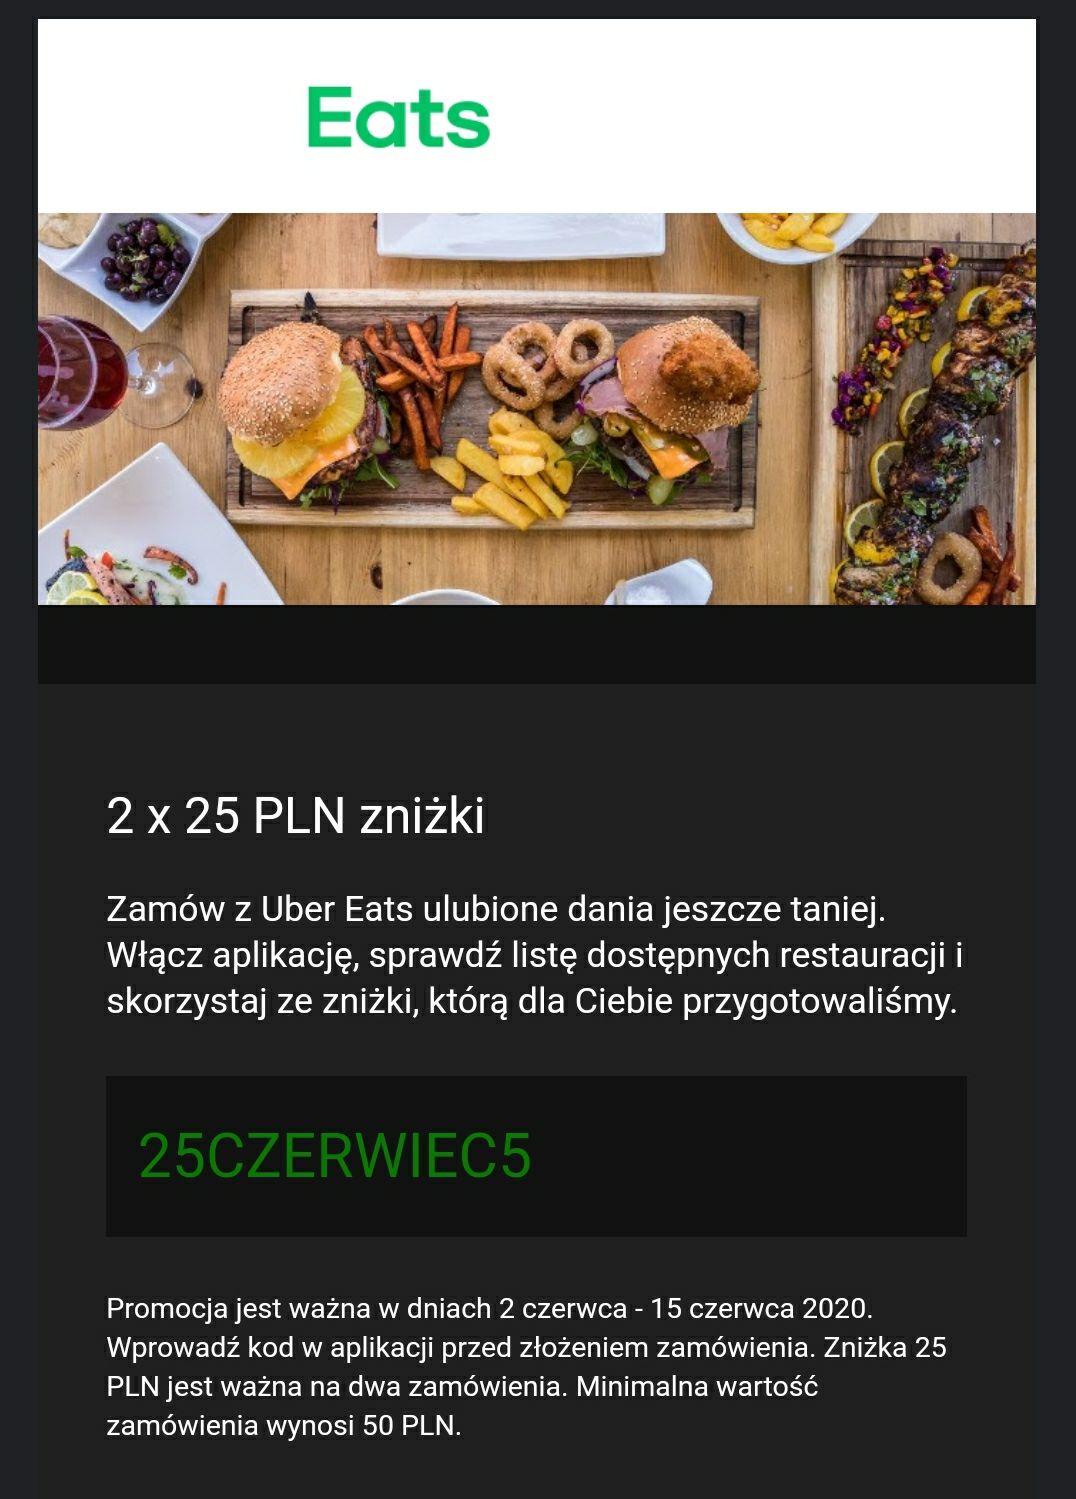 2x25 PLN zniżki z Uber Eats